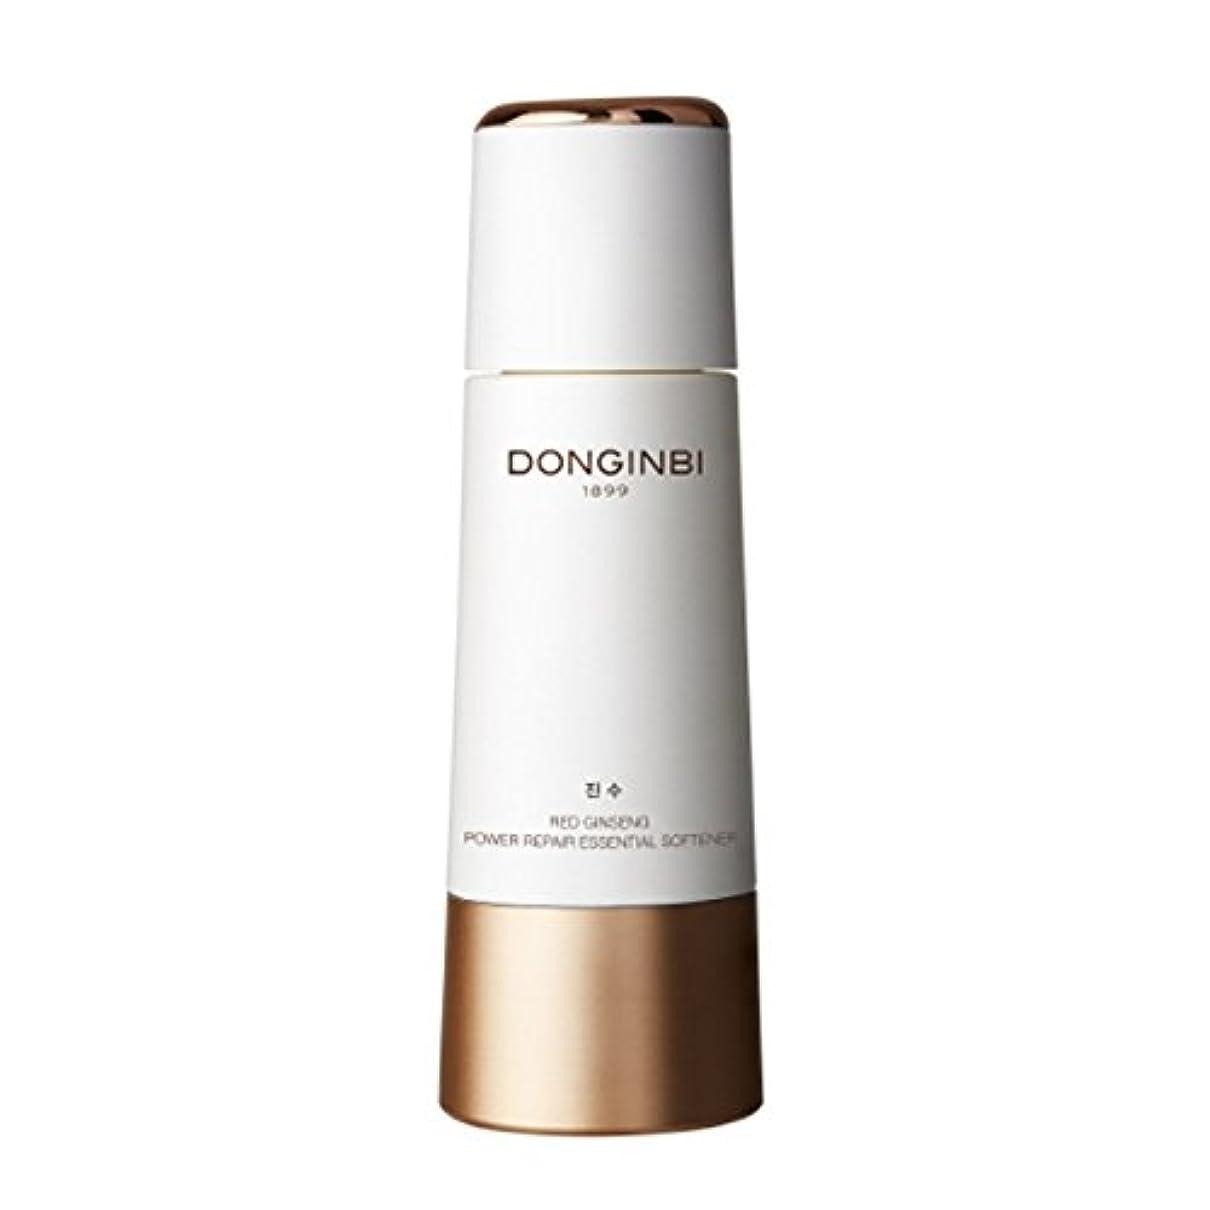 [ドンインビ]DONGINBI ドンインビ ジン化粧水 130ml 海外直送品 toner130ml [並行輸入品]